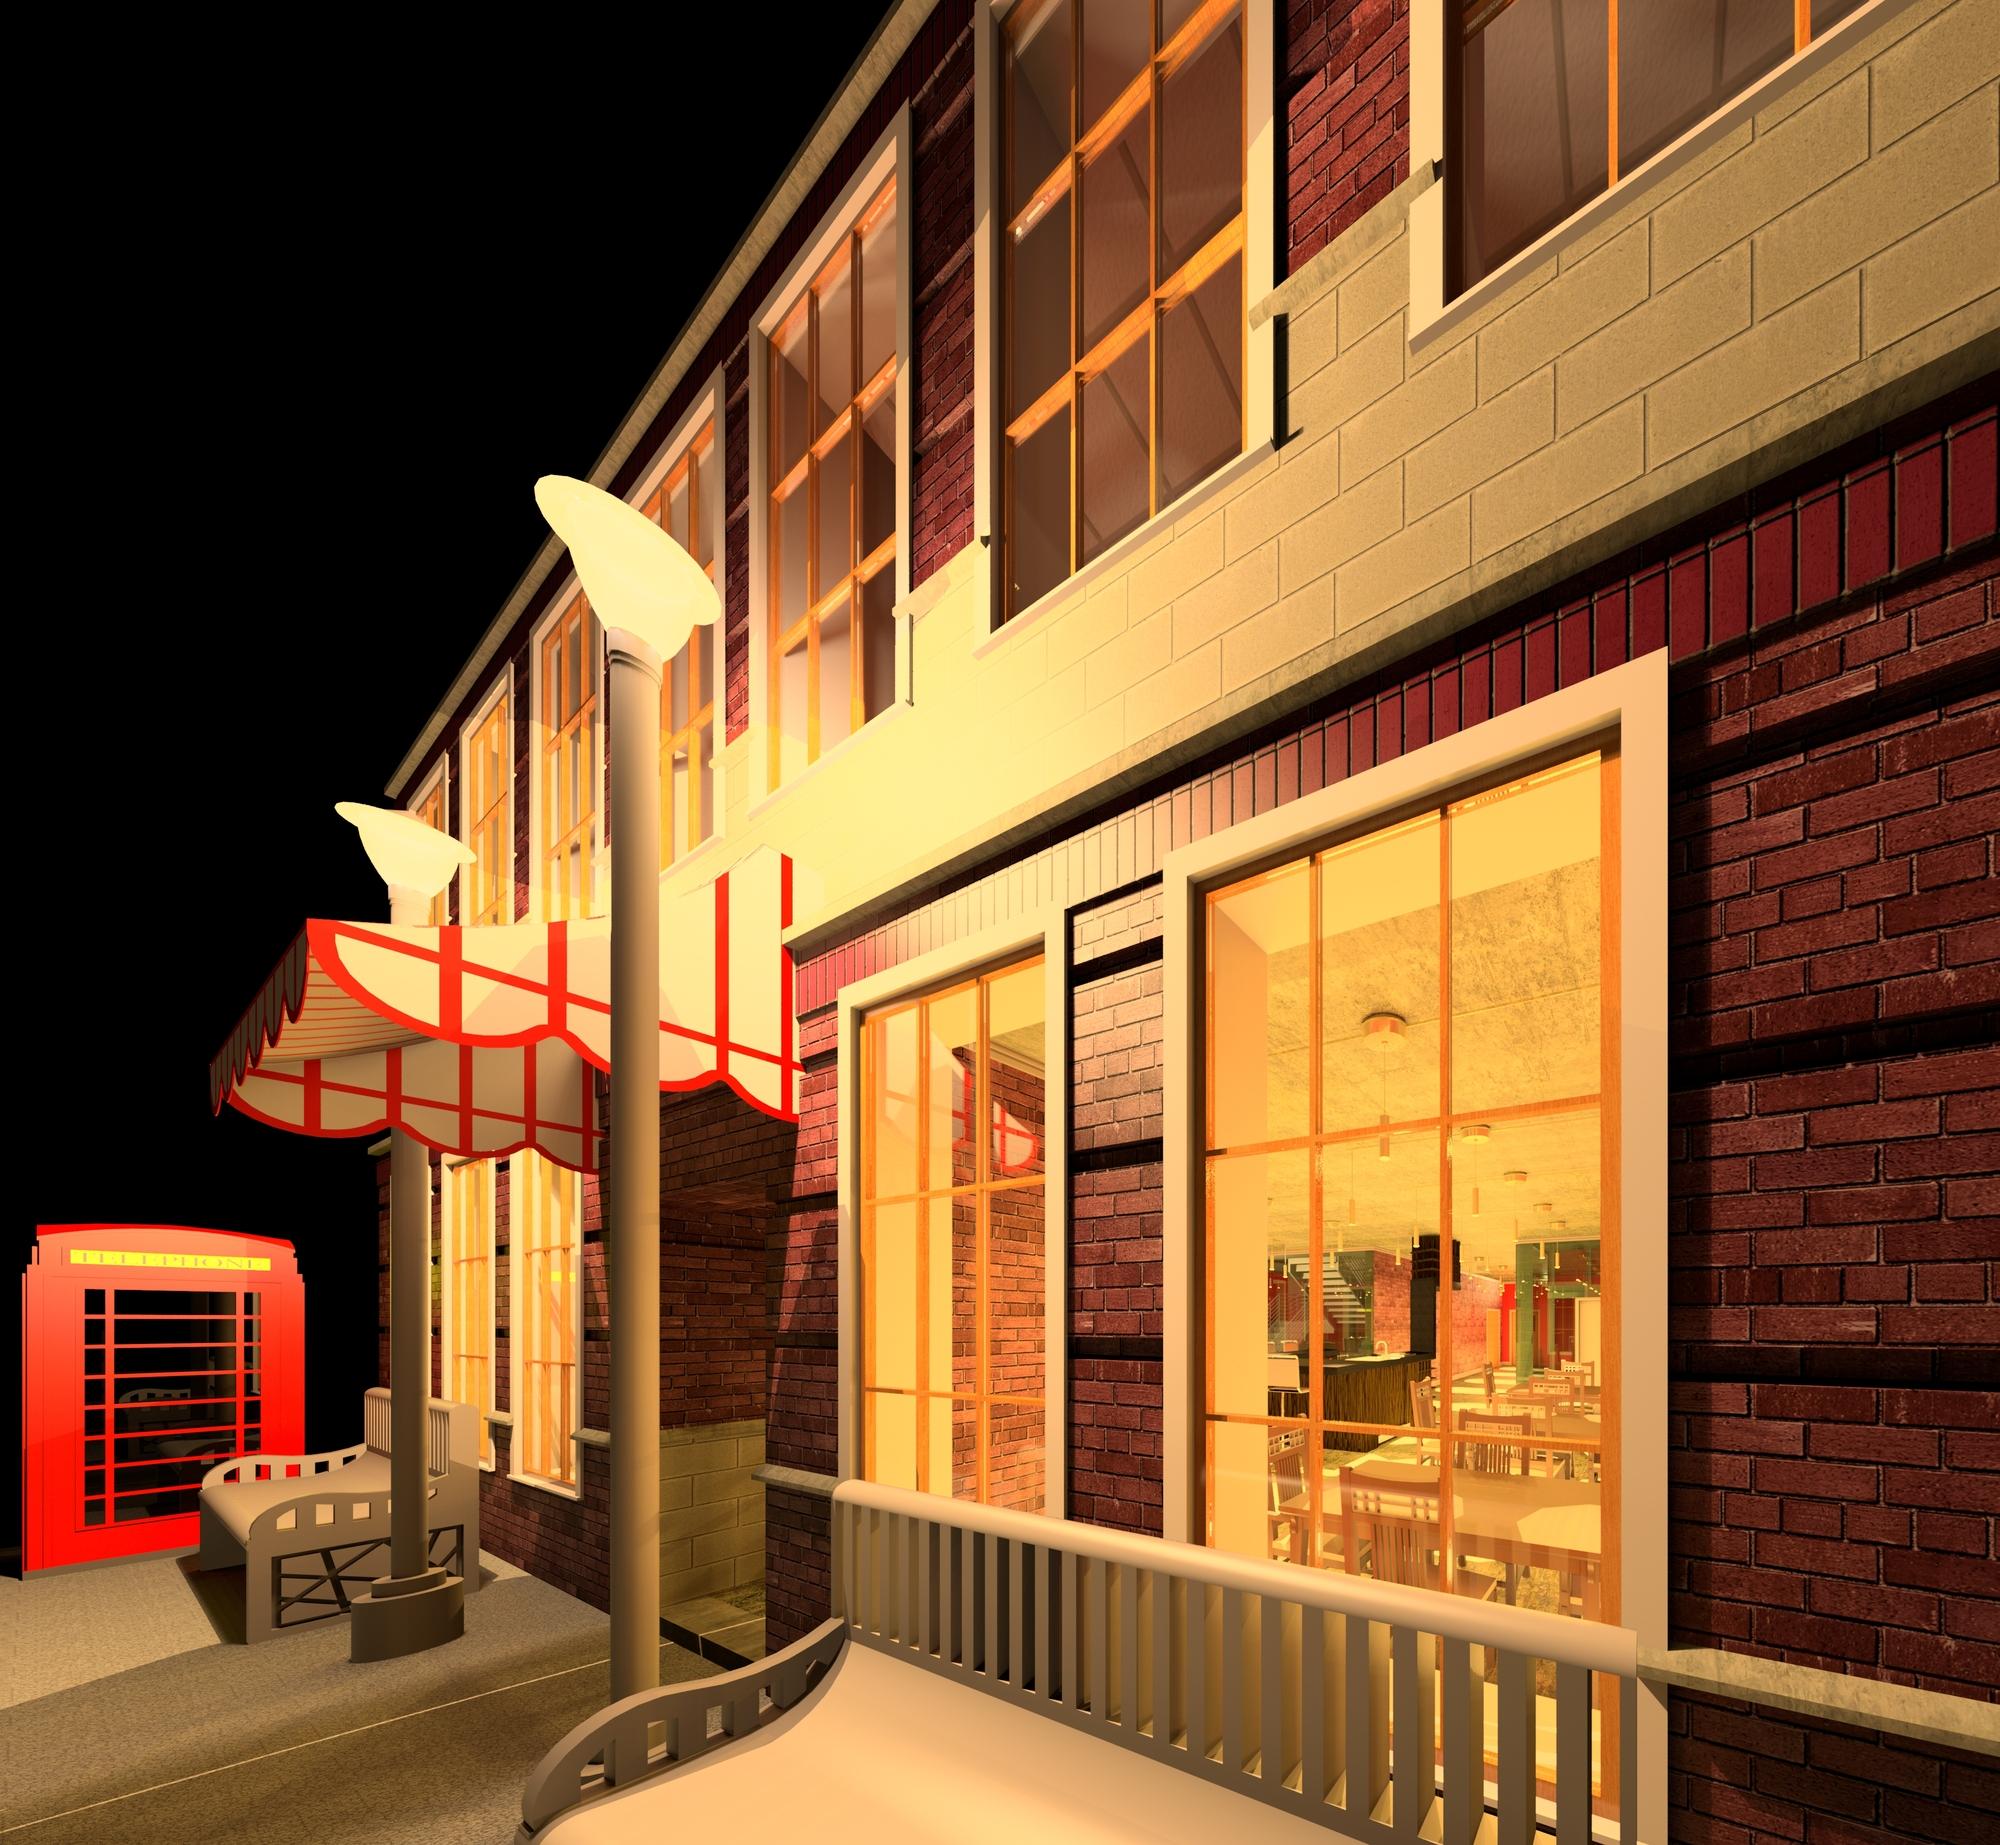 Raas-rendering20150407-6910-49h5c3